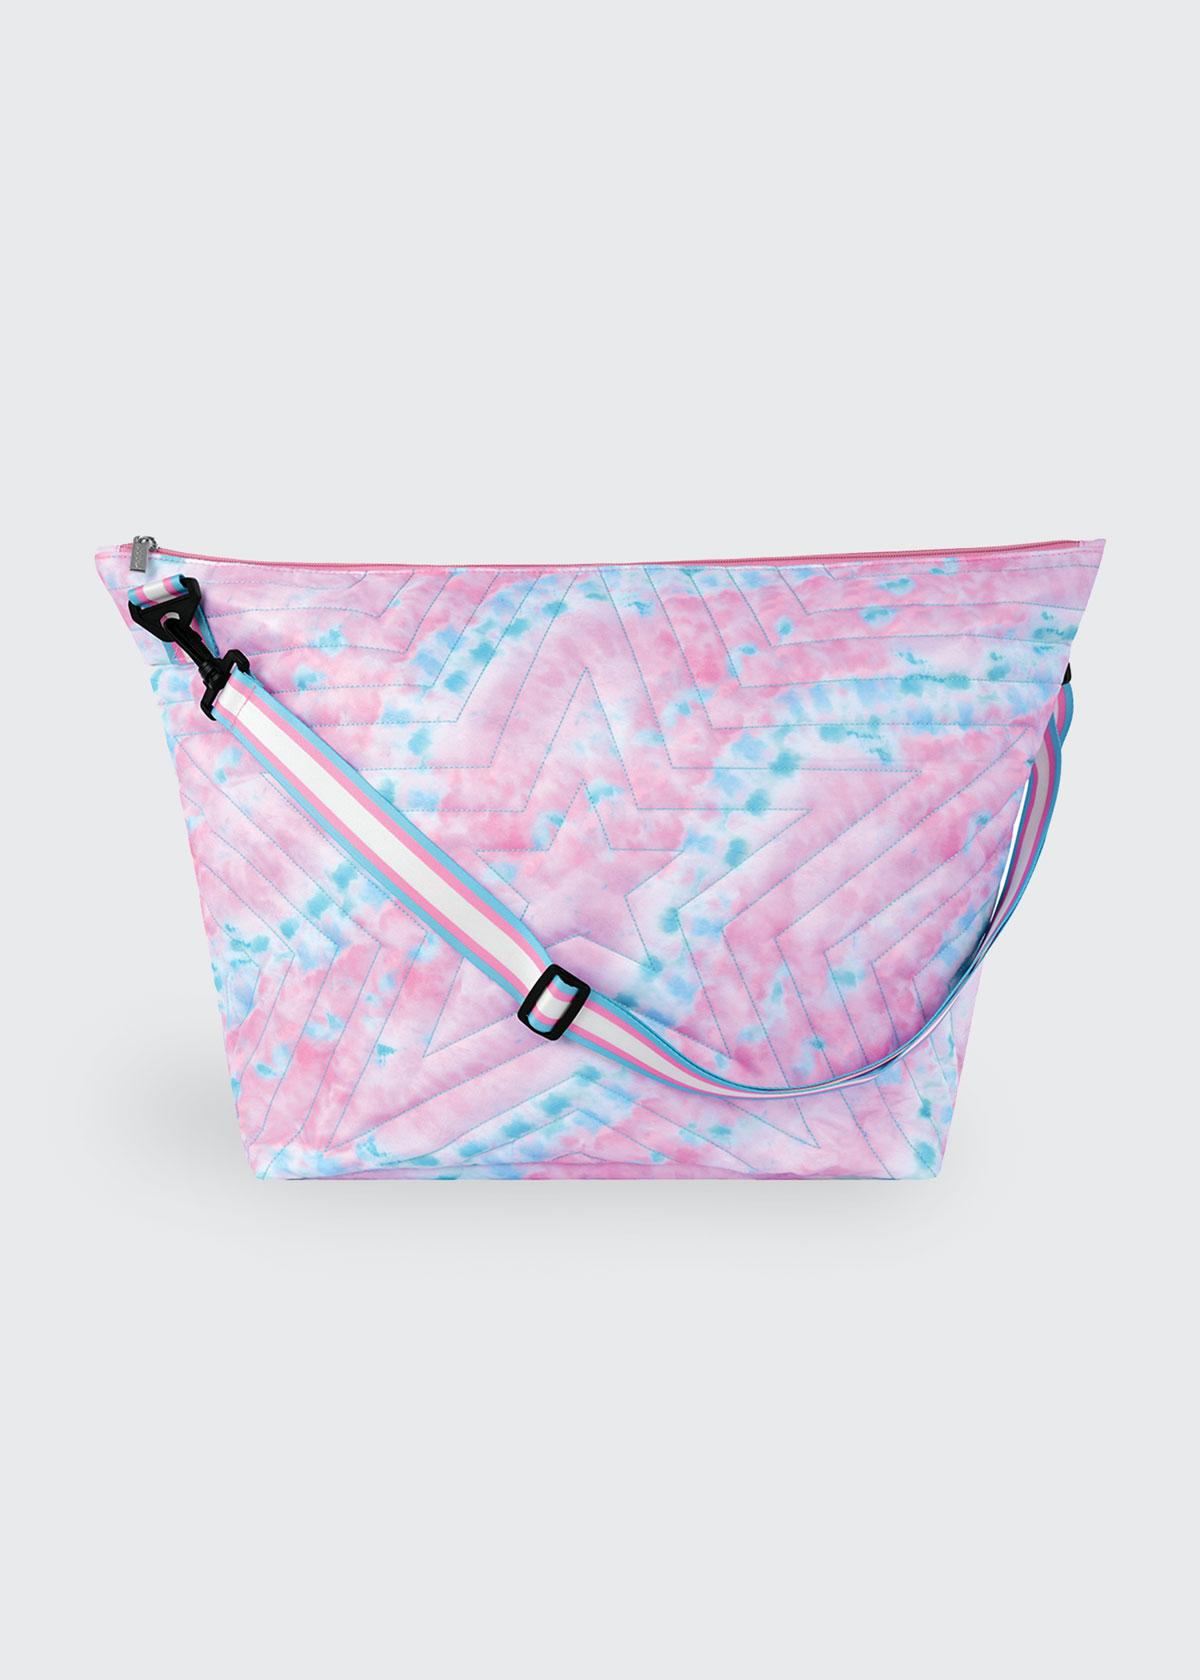 Silver Star Quilted Tie-Dye Weekender Bag